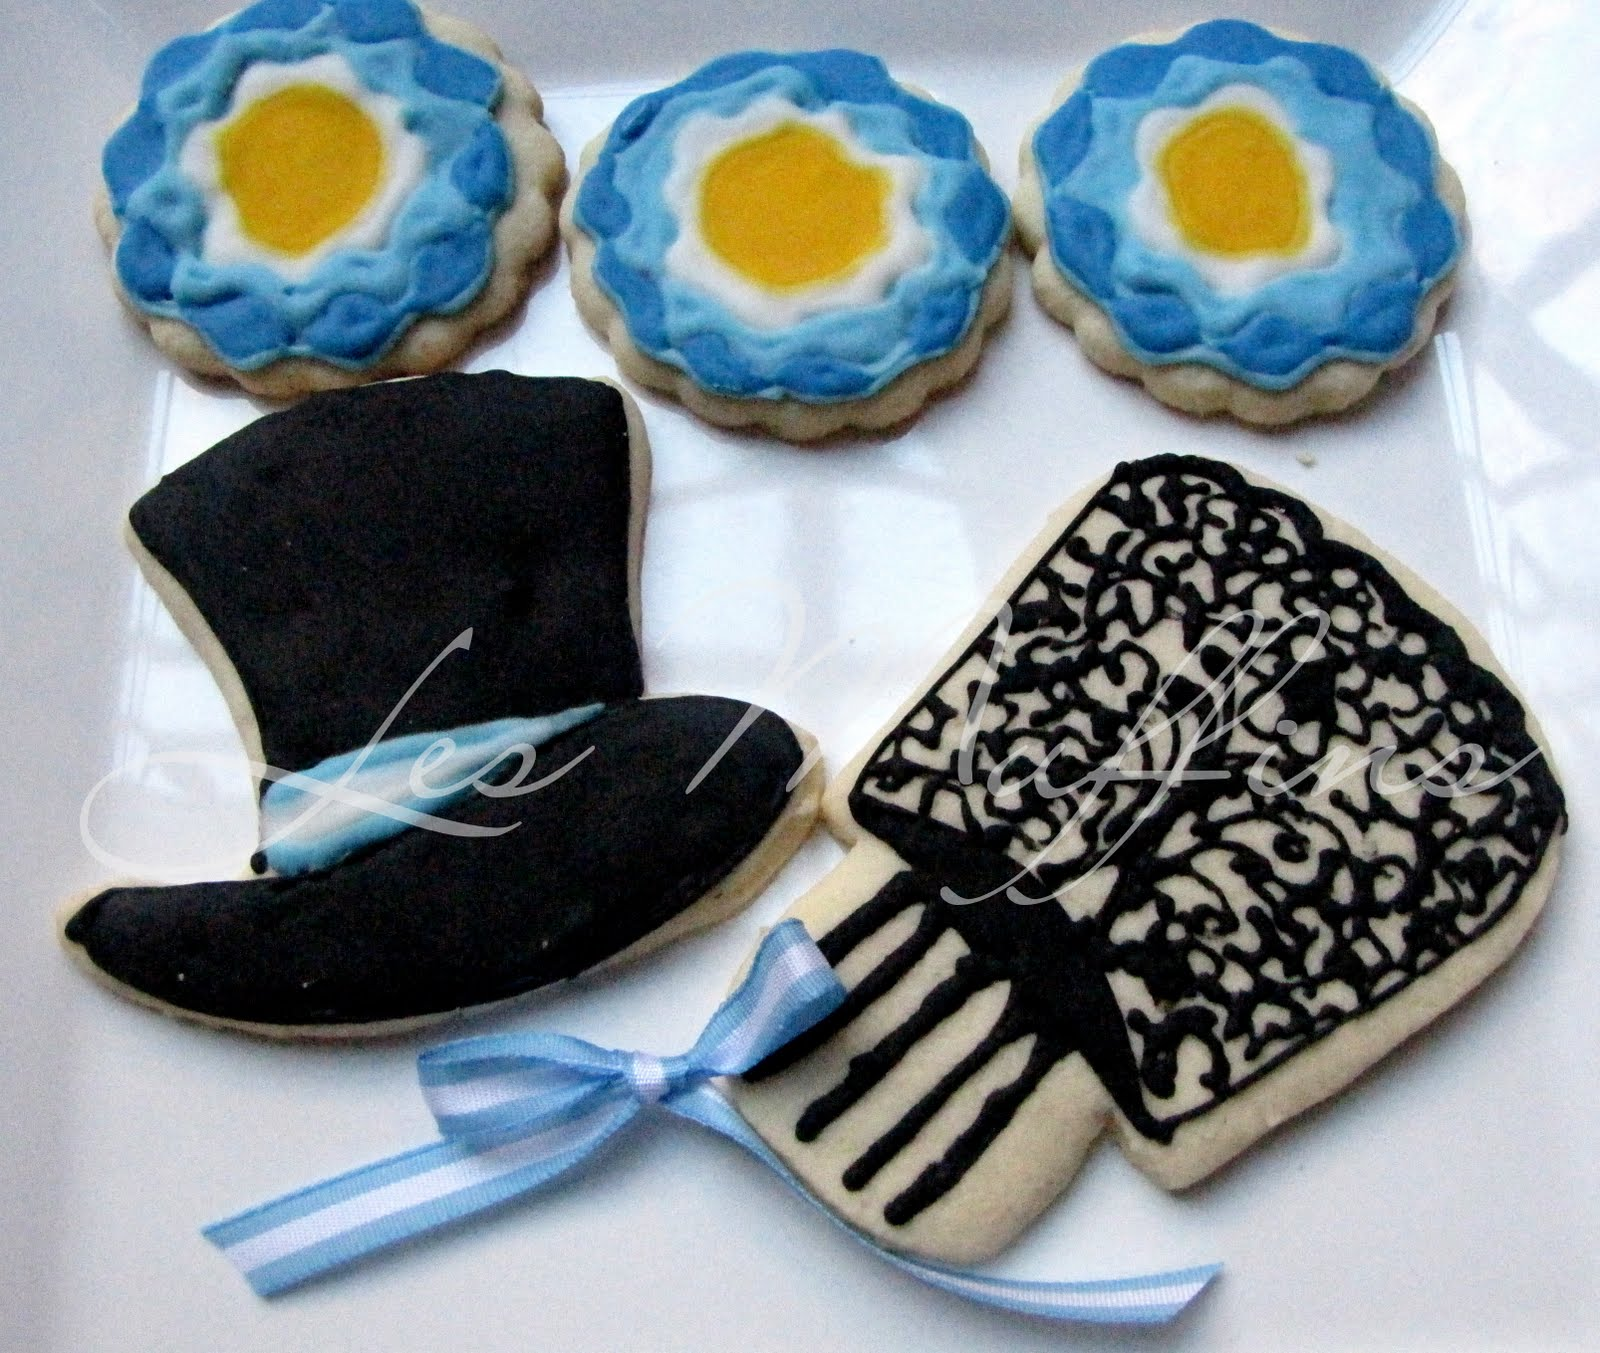 cupcakes argentinisimos con wrappers de la bandera argentina